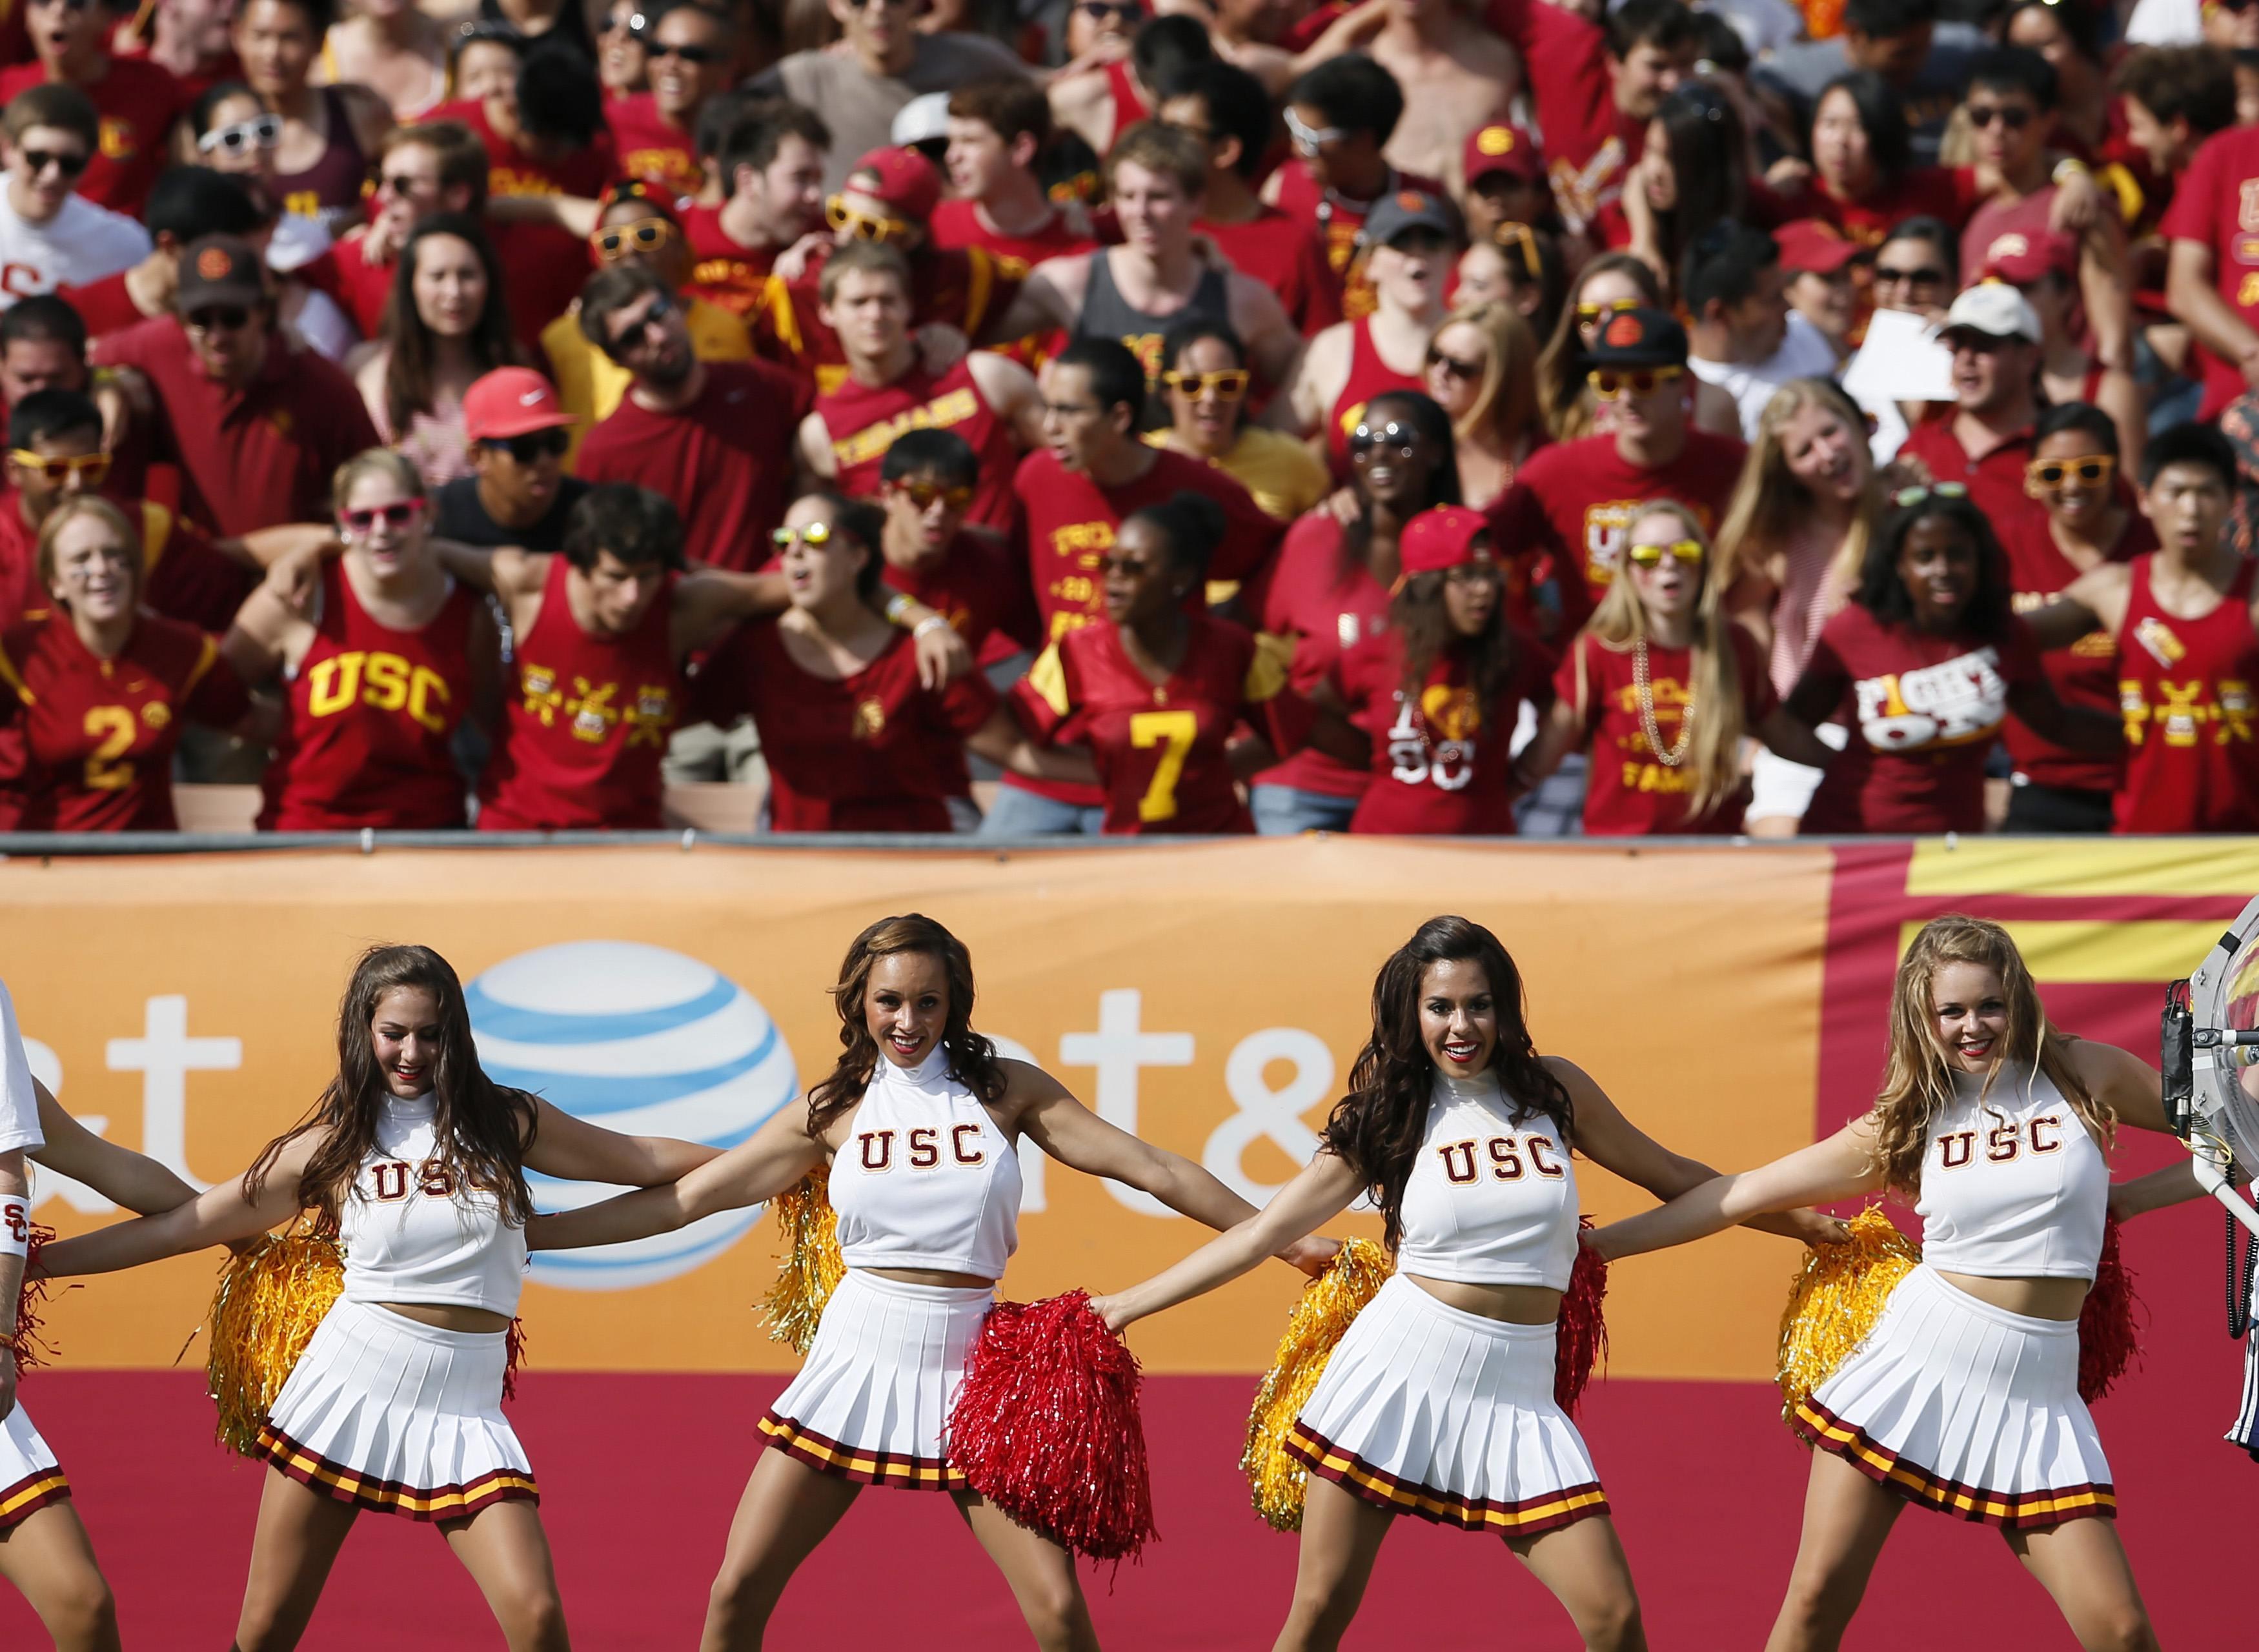 Ncaa college football cheerleader wallpaper 3500x2560 159763 3500x2560